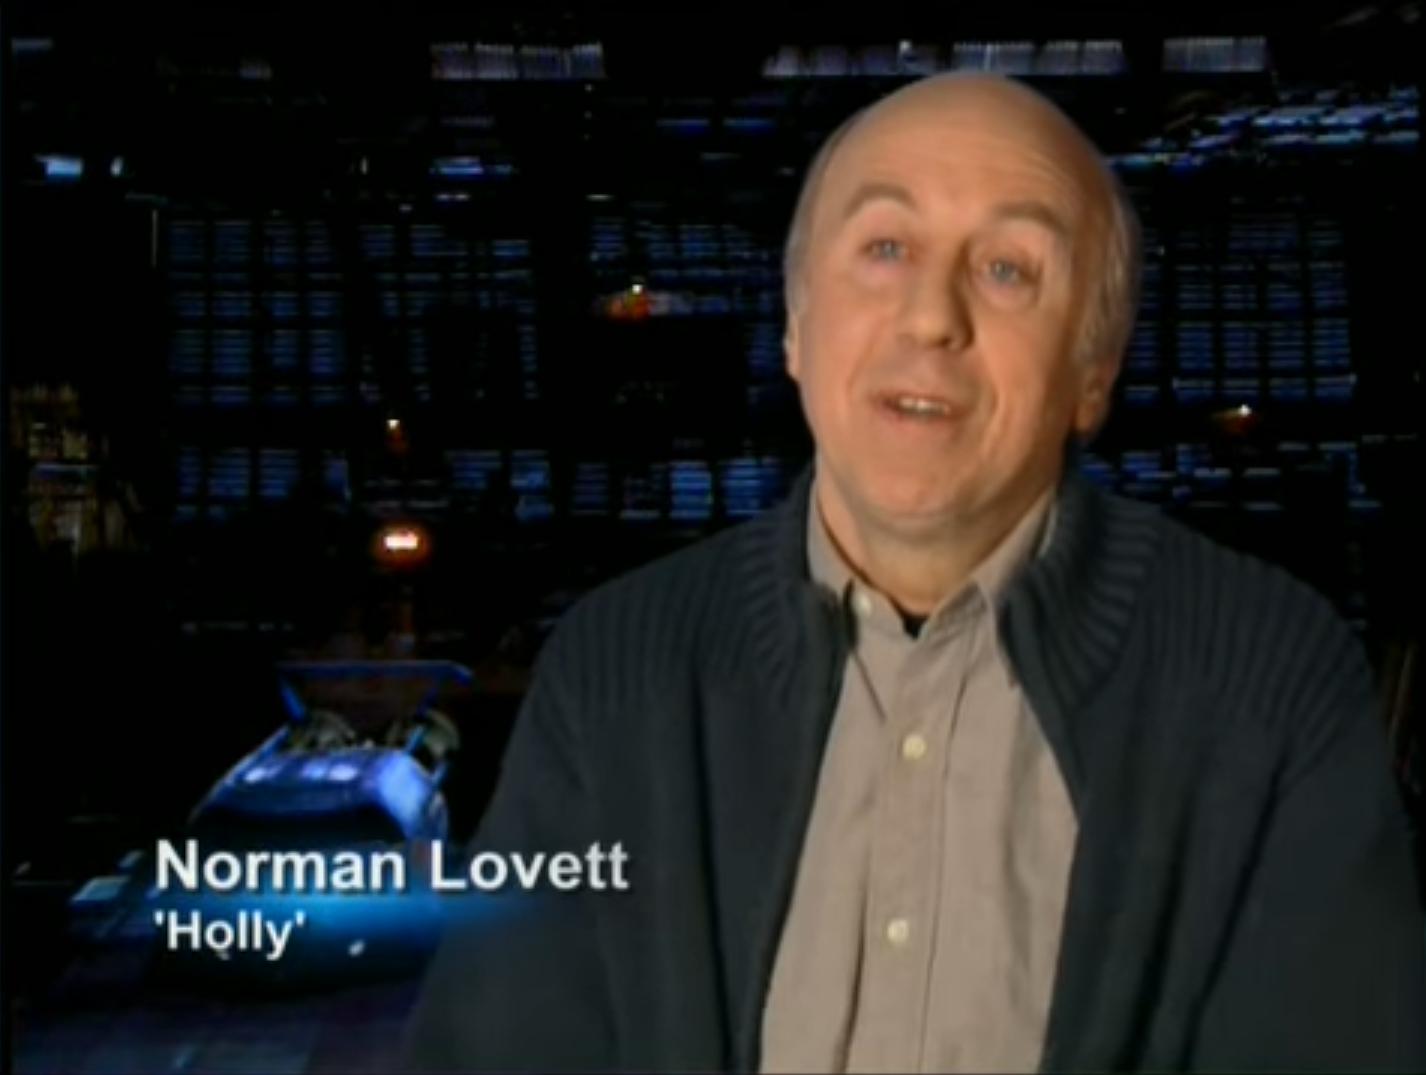 Norman Lovett